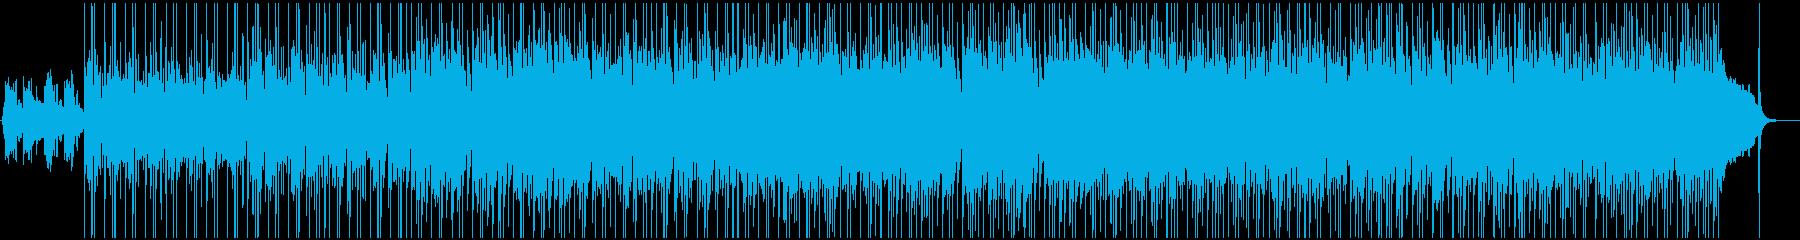 深く沈んでいくようなダウナー系ポップスの再生済みの波形